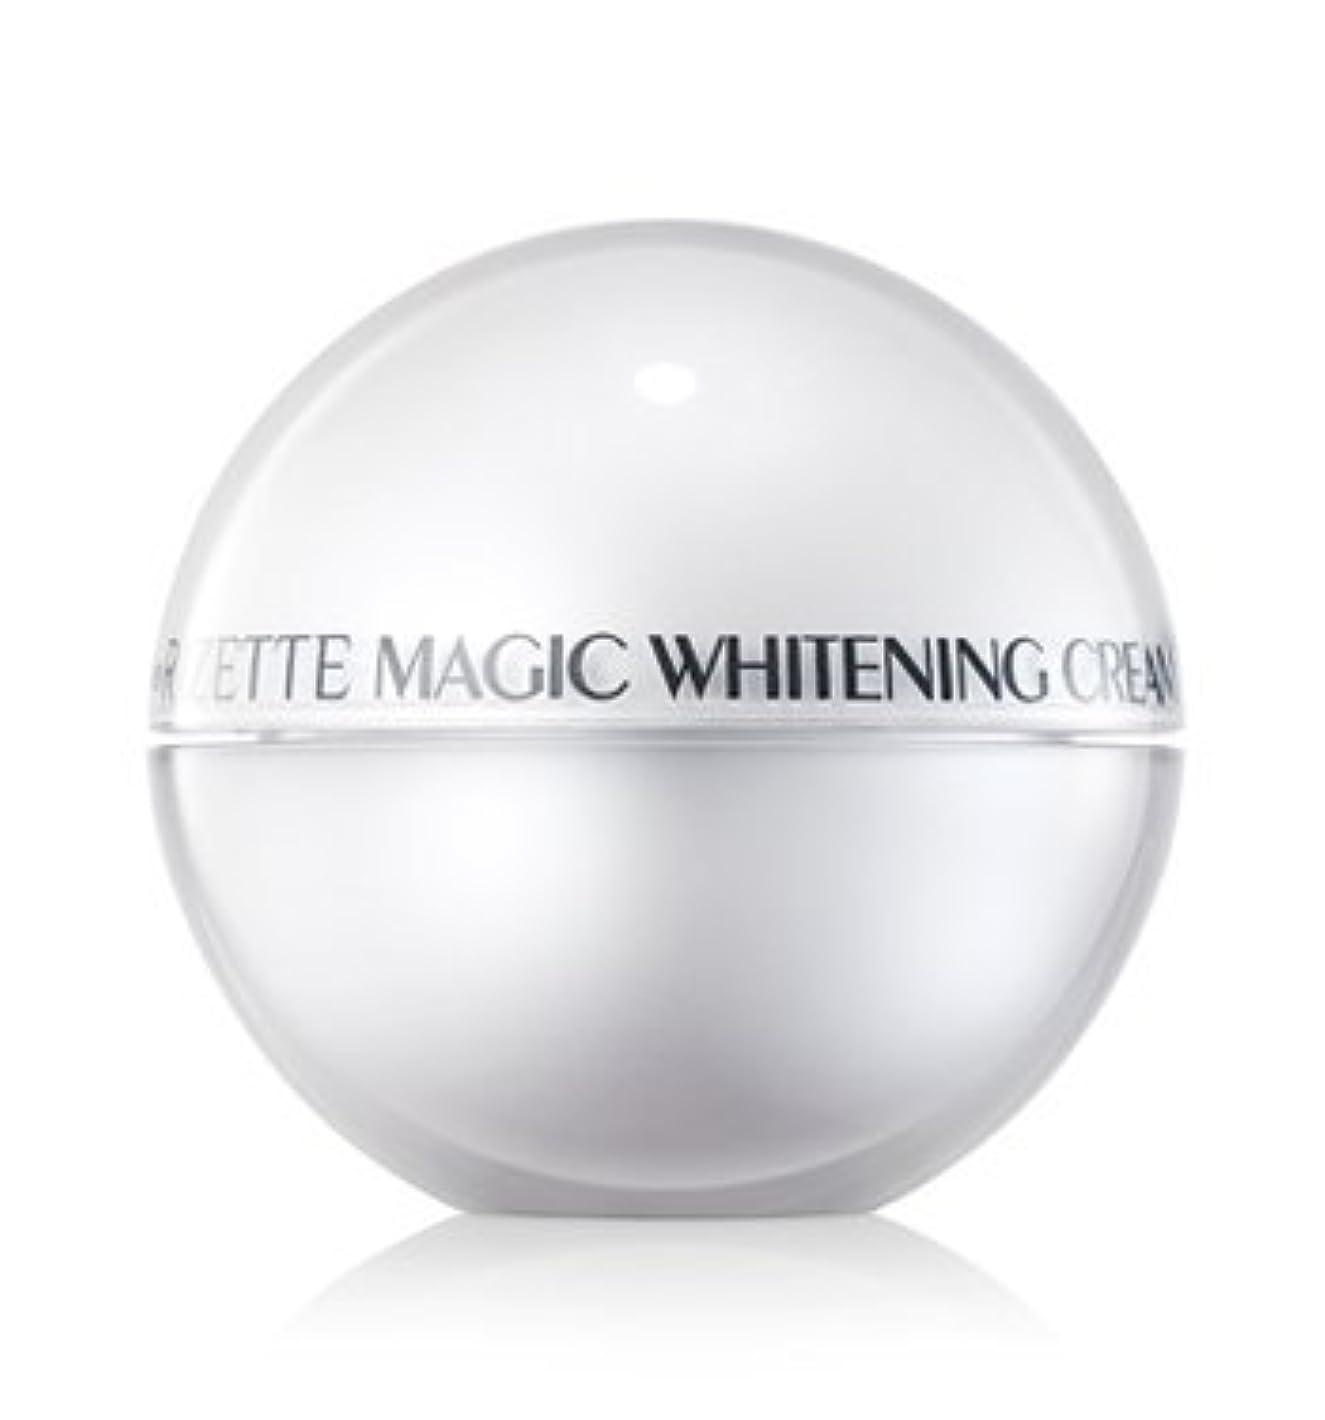 チャネル危険知事リオエリ(Lioele) Rizette マジック ホワイトニング クリーム プラス/ Lioele Rizette Magic Whitening Cream Plus[並行輸入品]